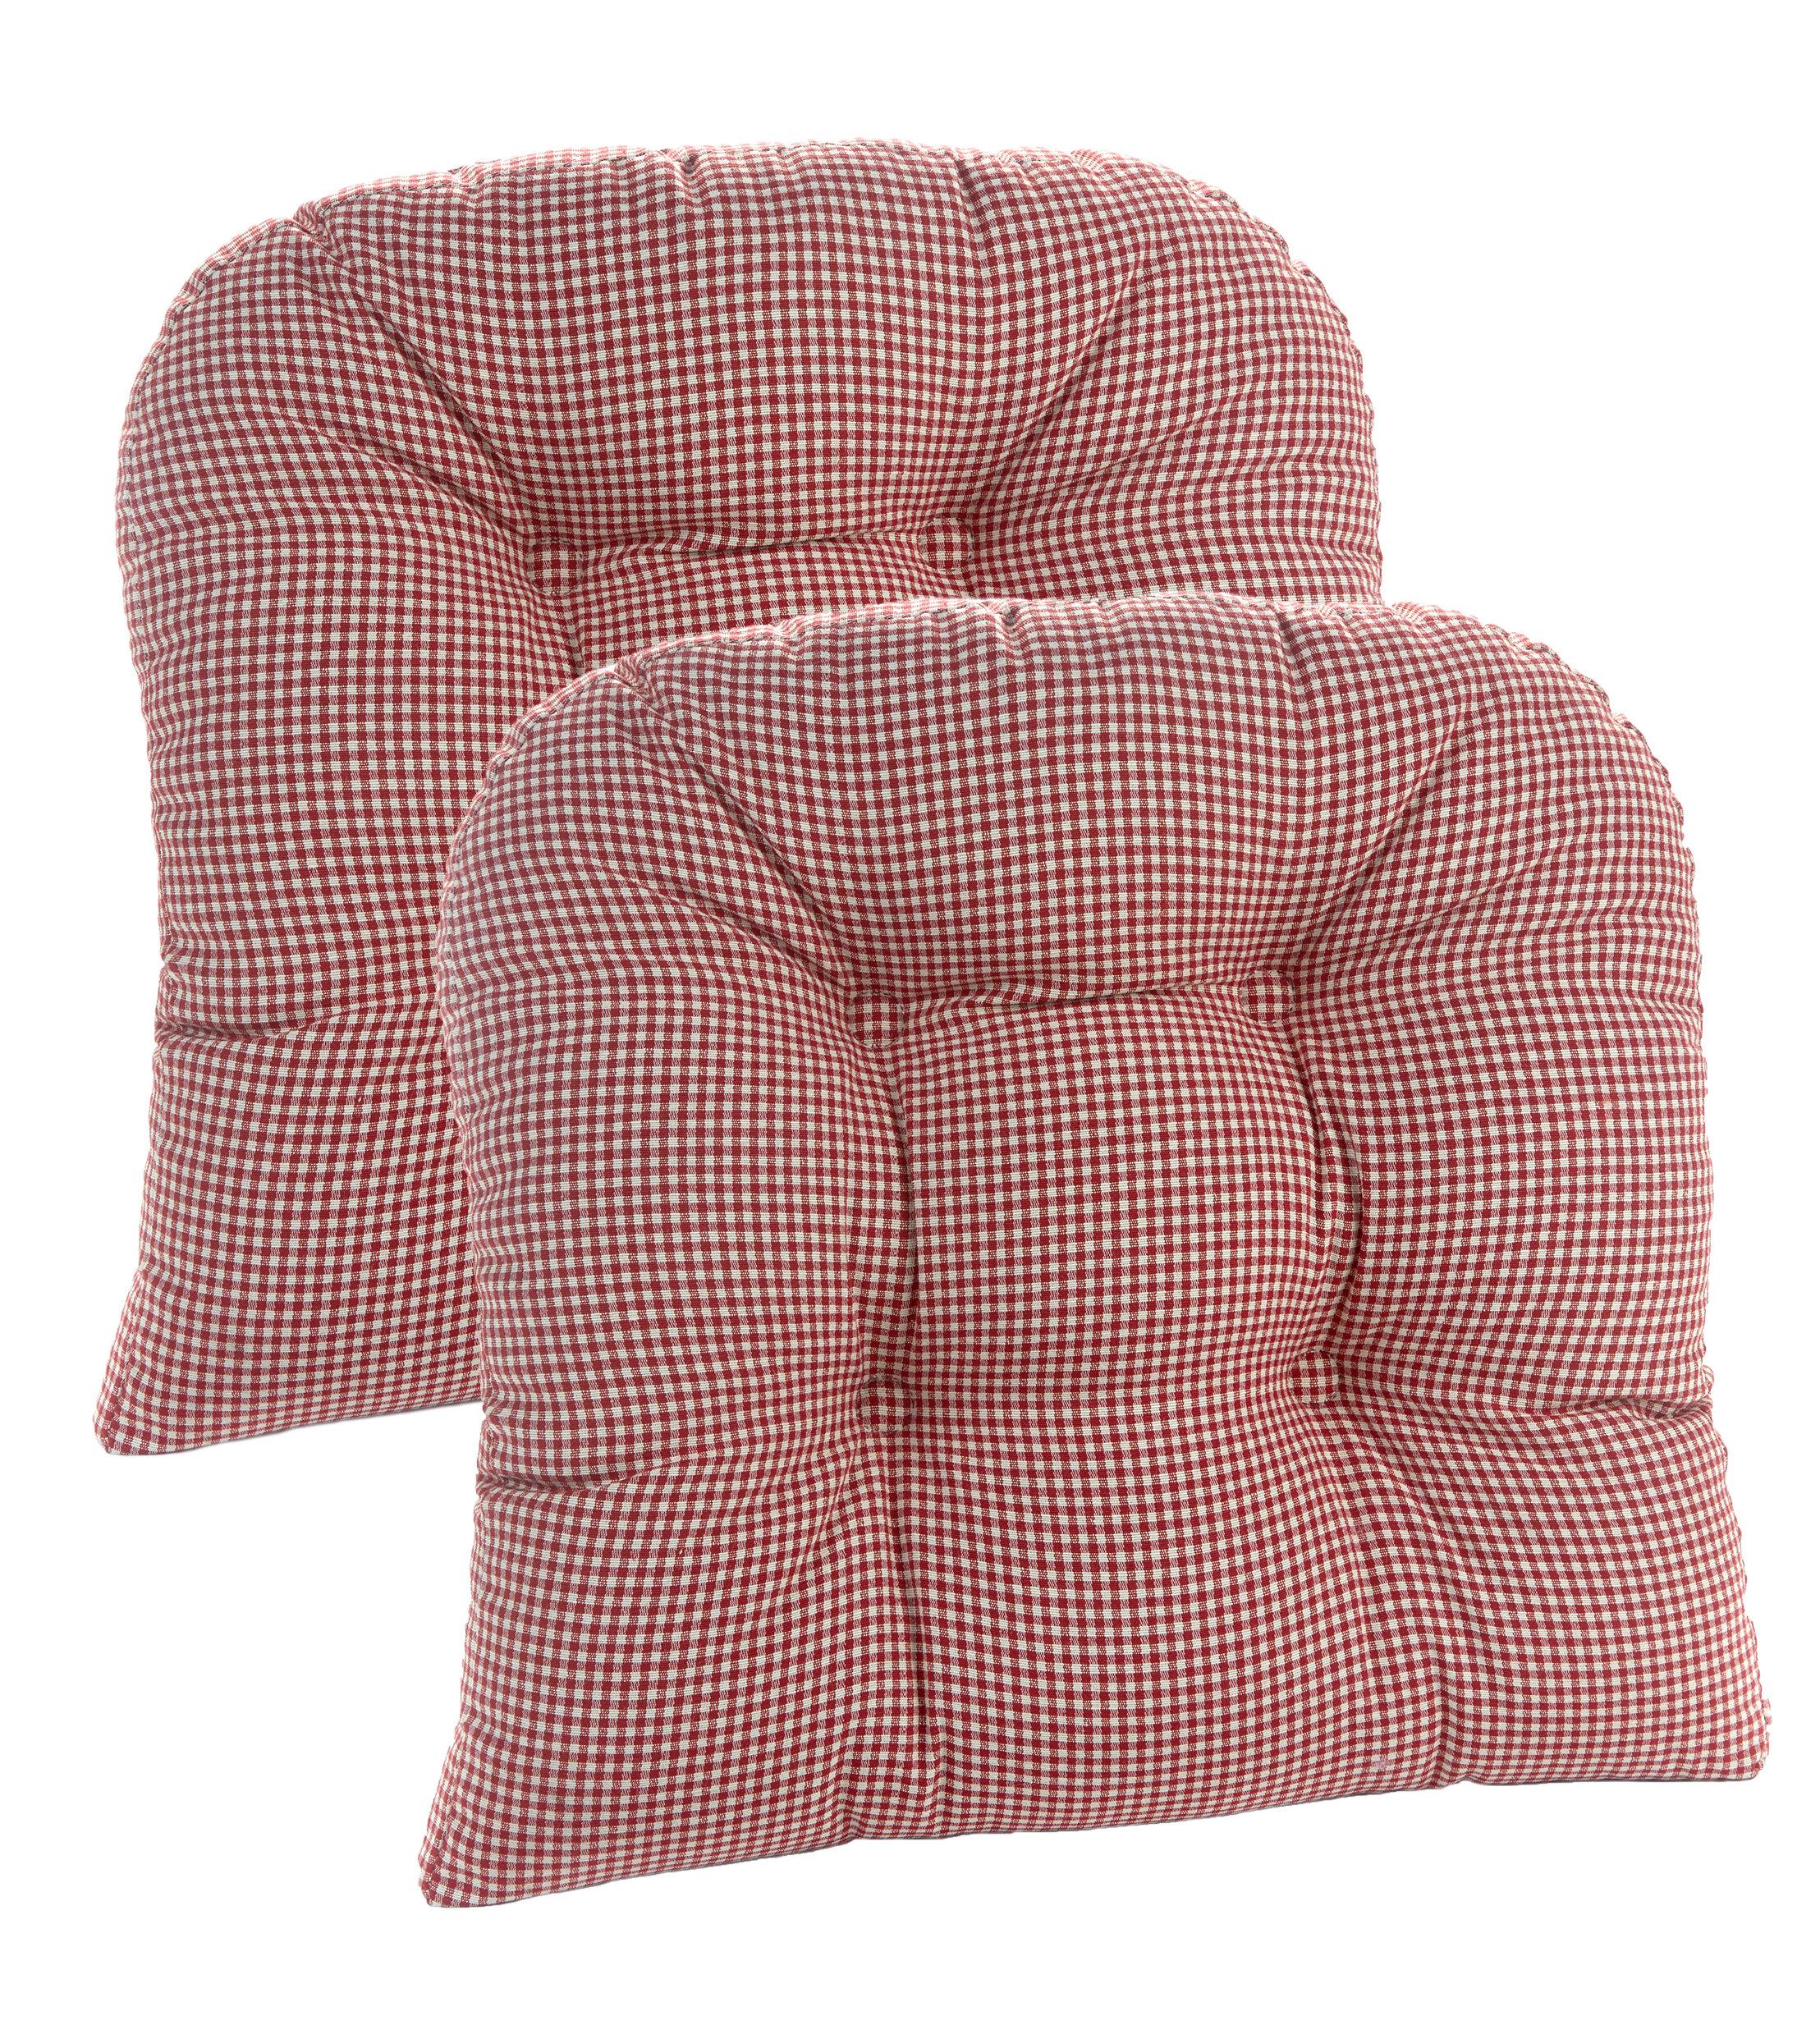 klear vu gripper universal dining chair cushion reviews wayfair rh wayfair com